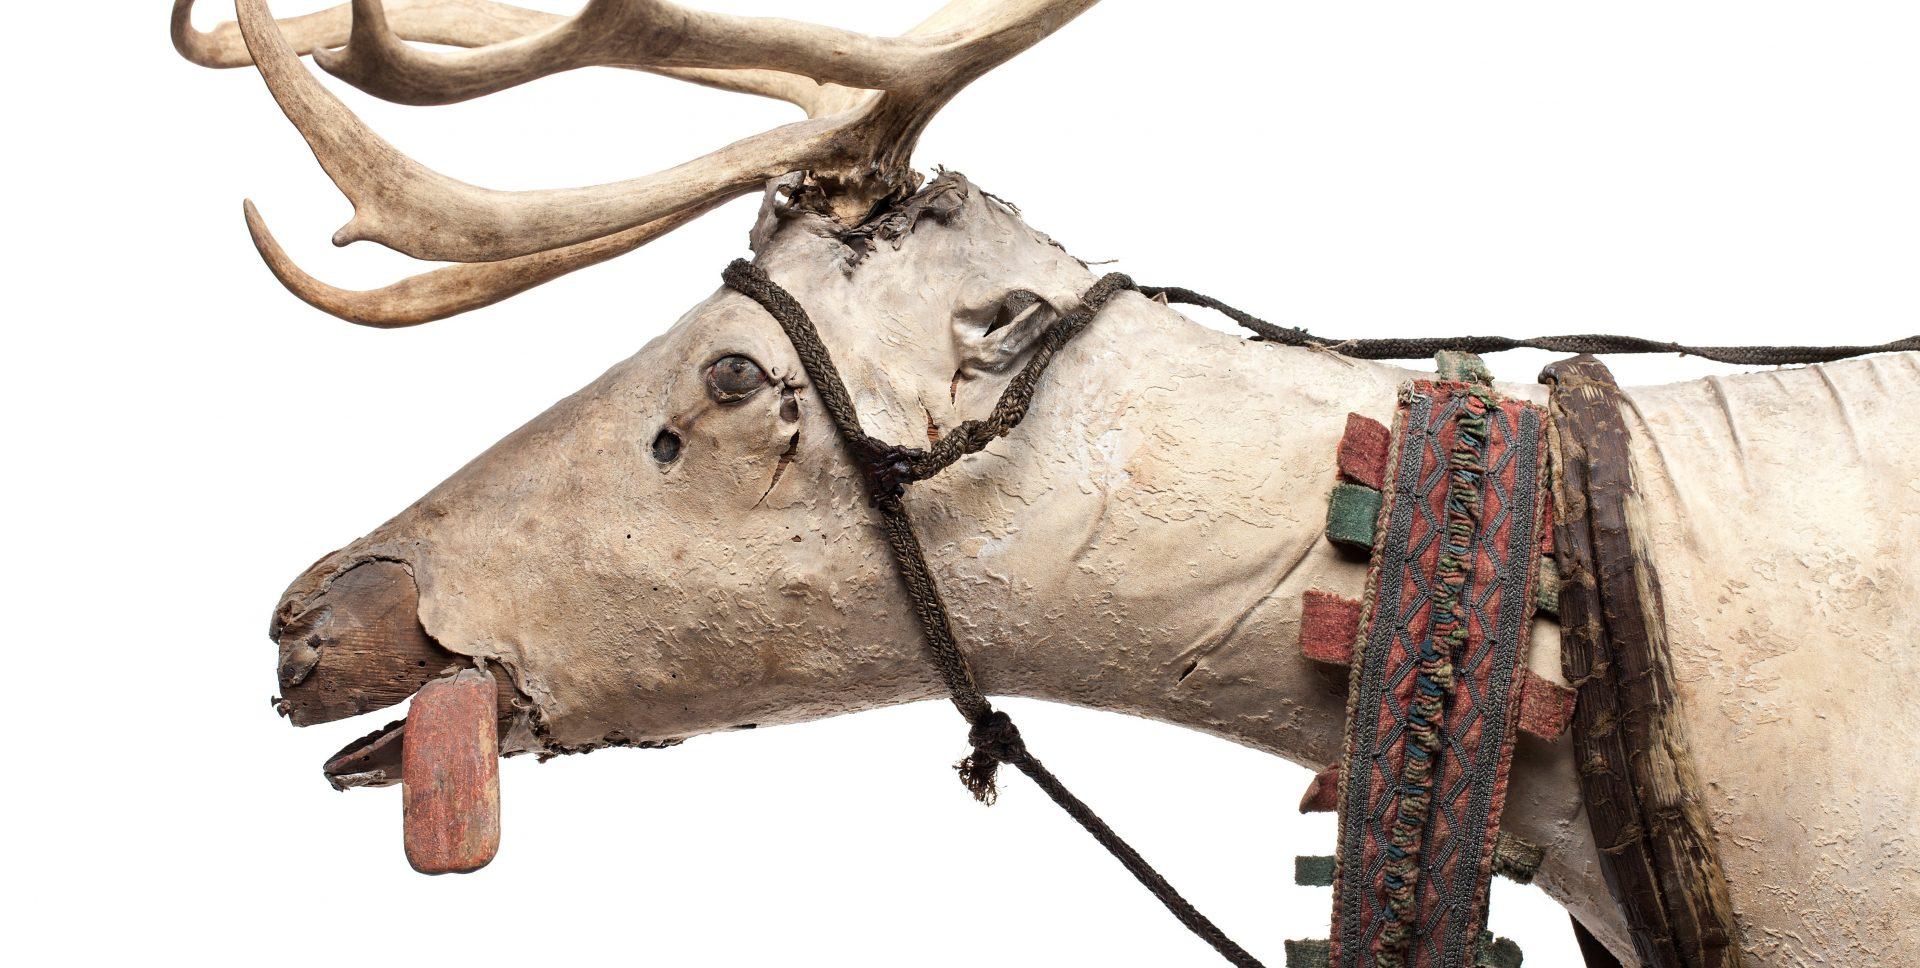 A stuffed reindeer.